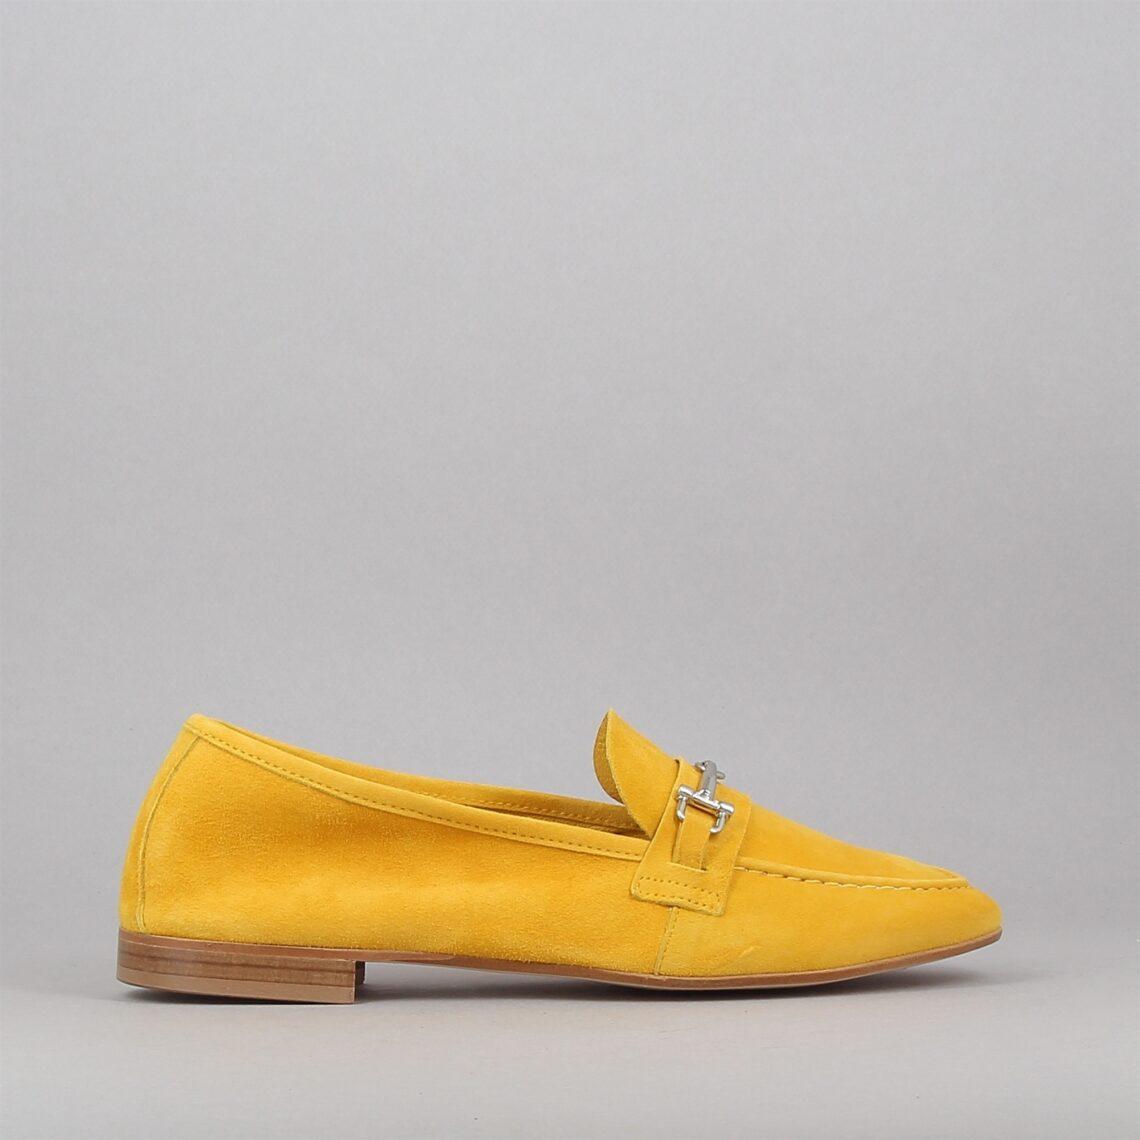 joudia-jaune-171196418-0.jpg